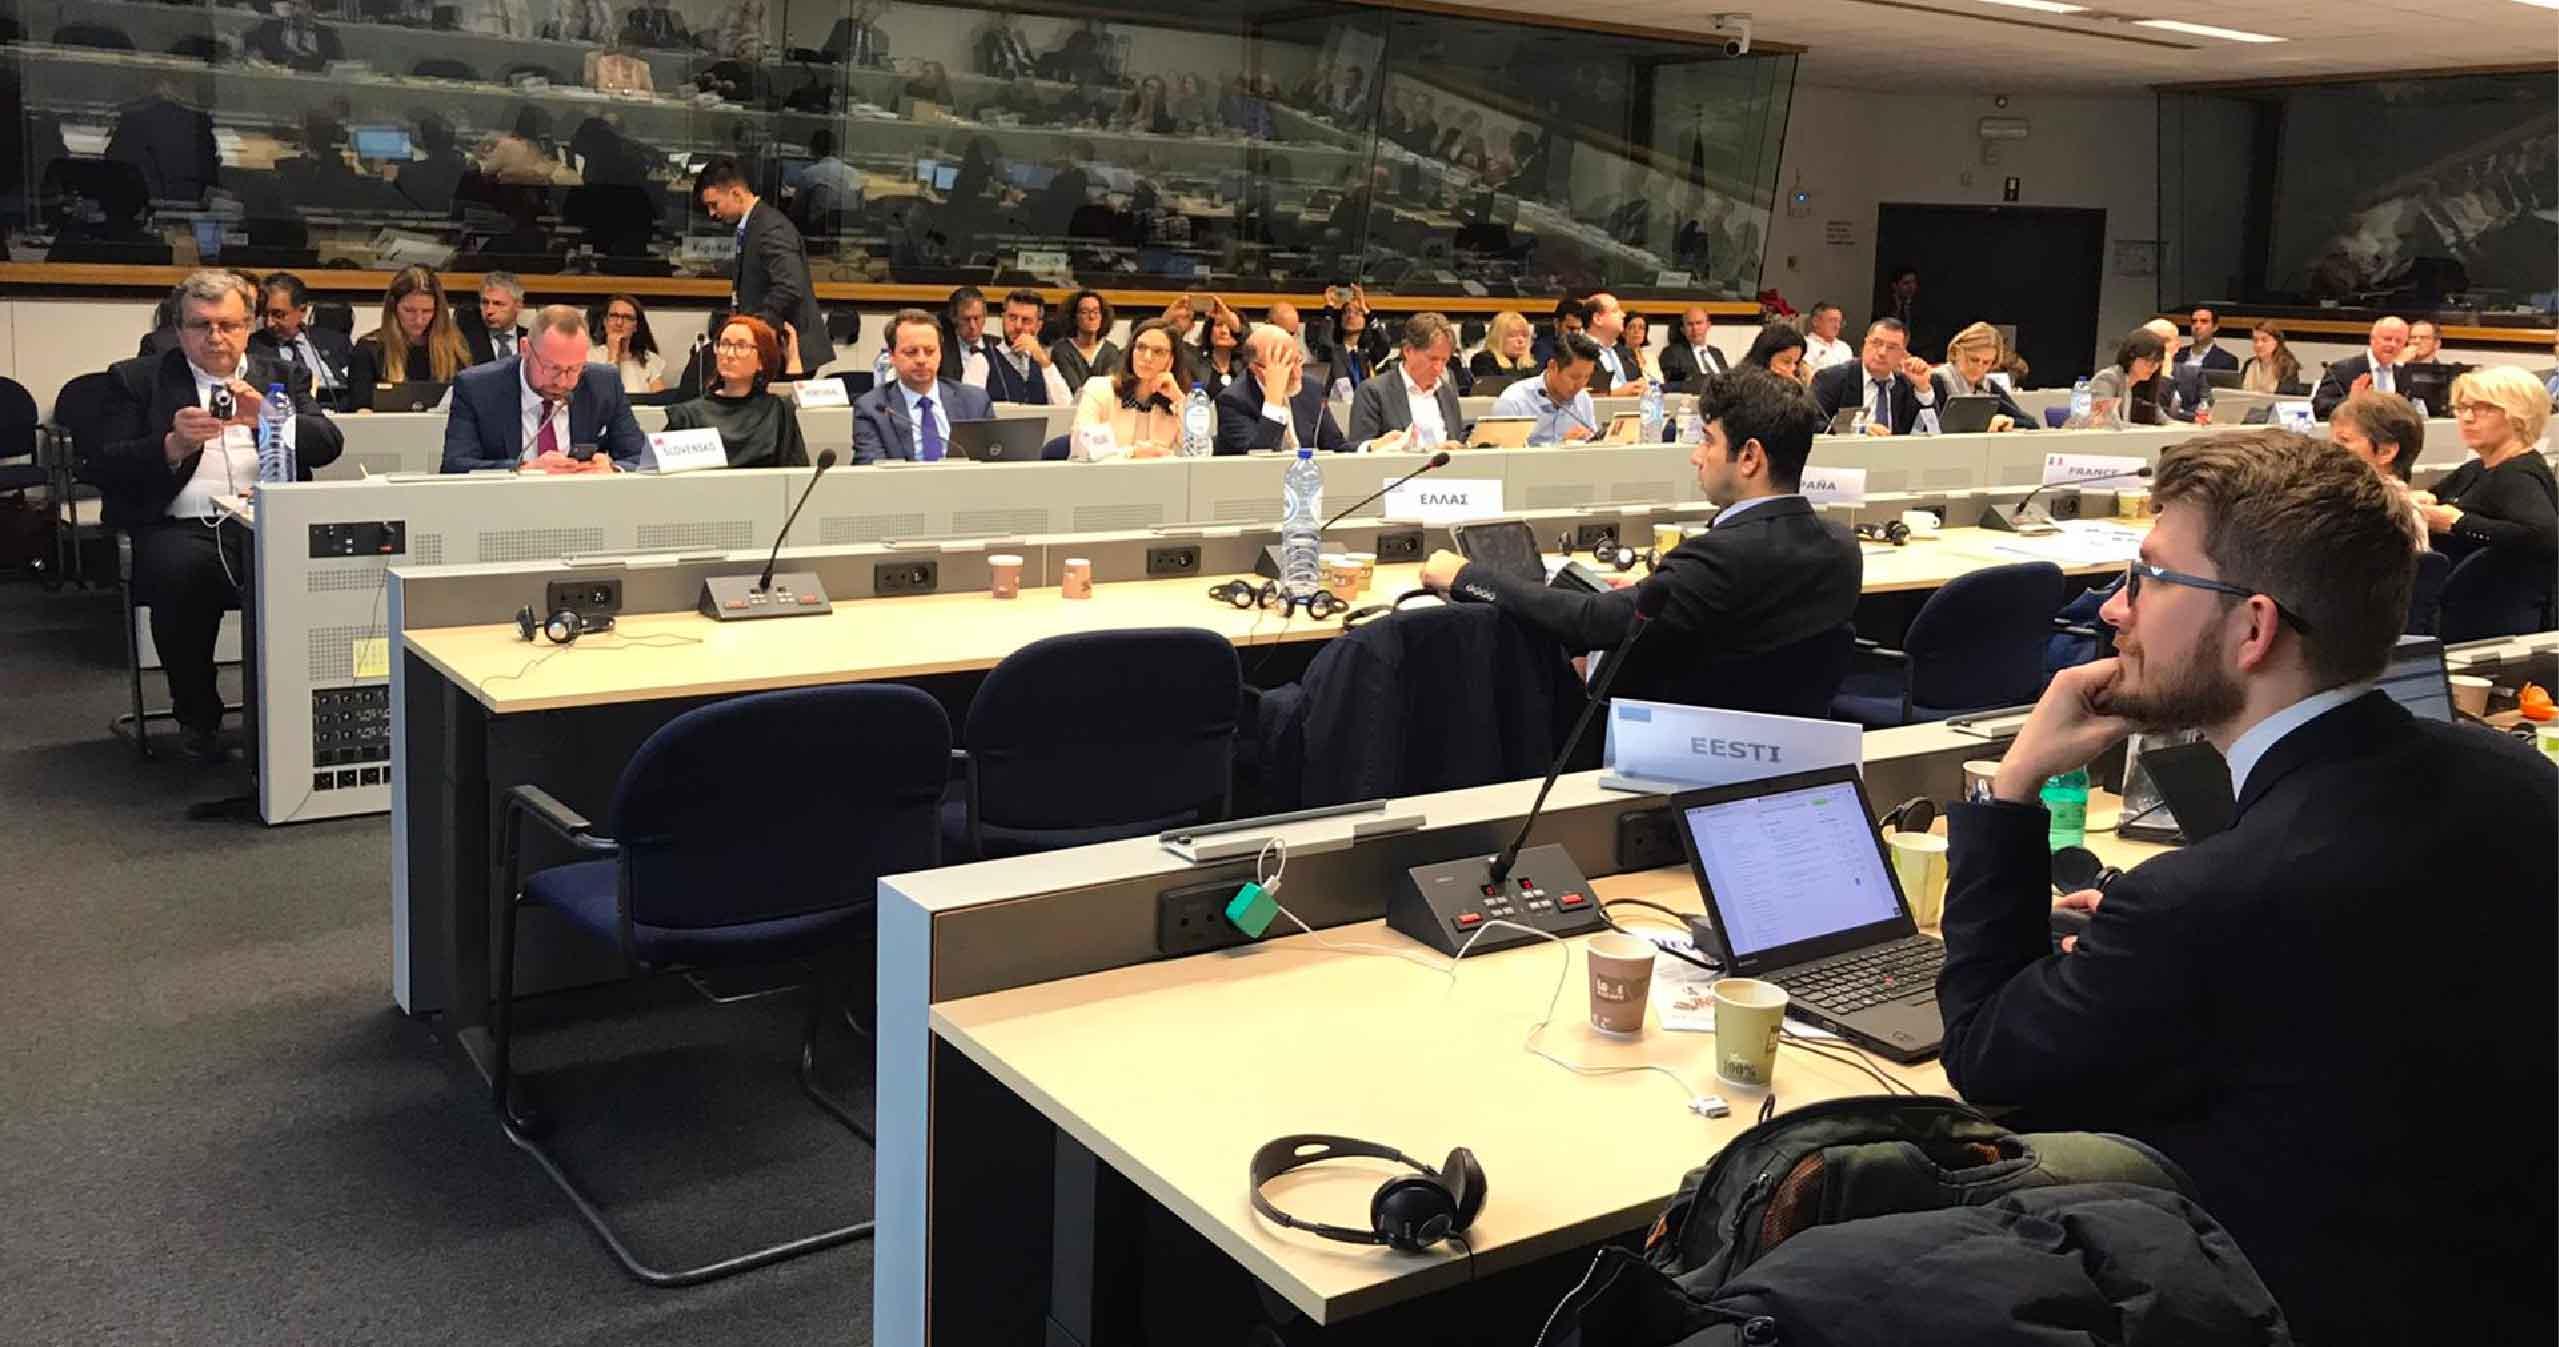 imagem do sobre do 126616th eHealth Network Meeting